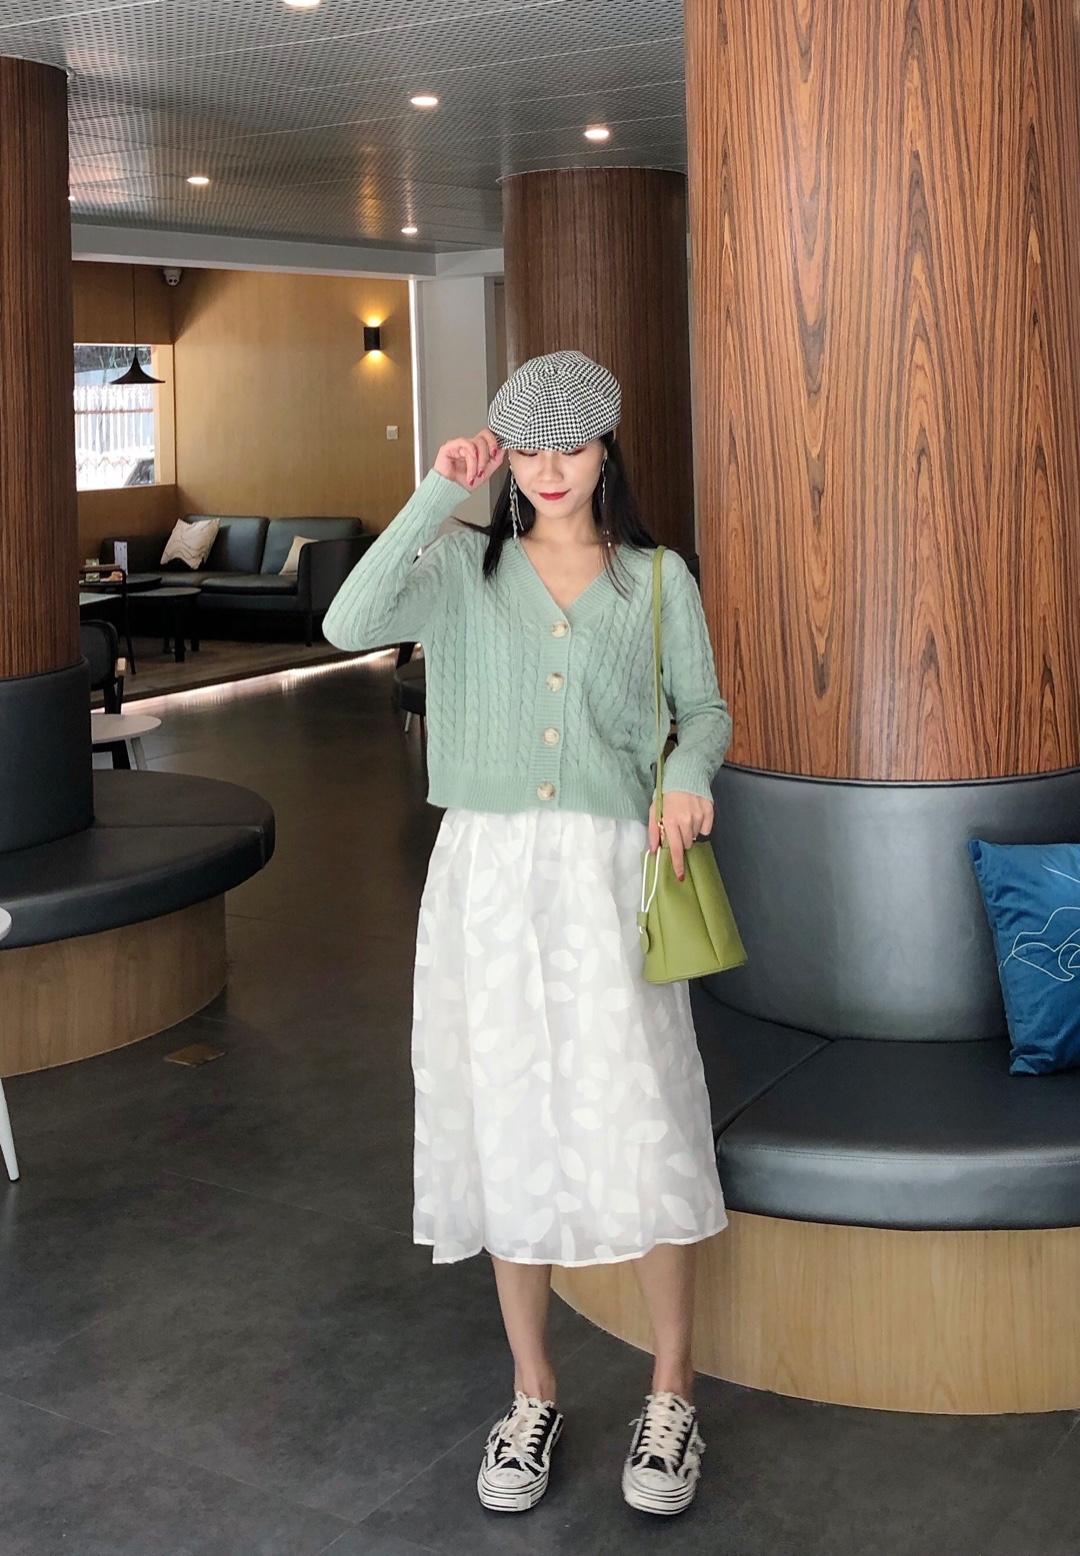 #2019早秋流行,我带你追!# 绿色真的还是今年的流行色 秋天安排起来 短款的小毛衣 早秋必备 搭配白色半身裙 简直小仙女